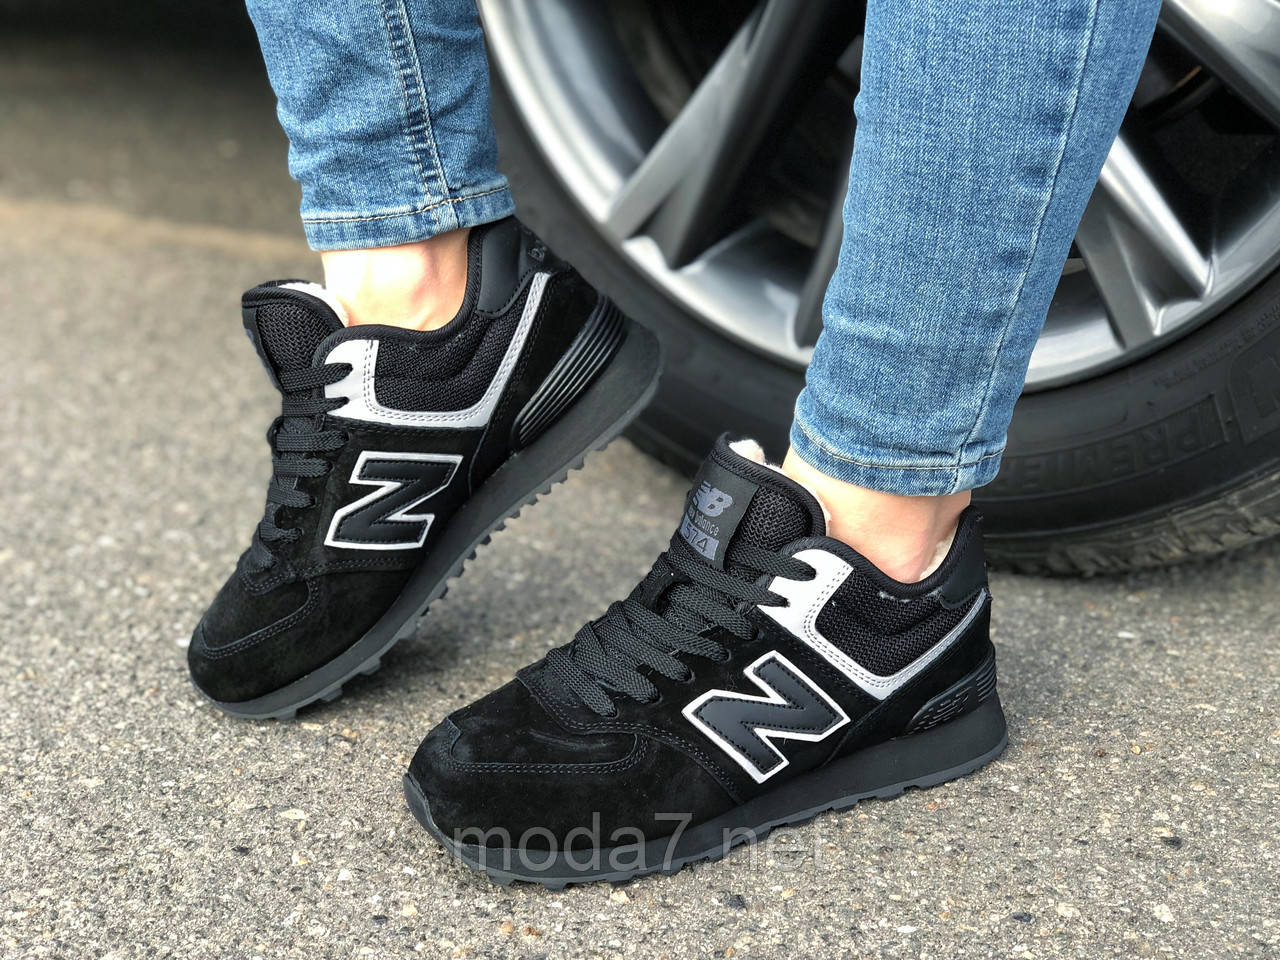 Кроссовки зимние женские, подросток замш черные New Balance реплика